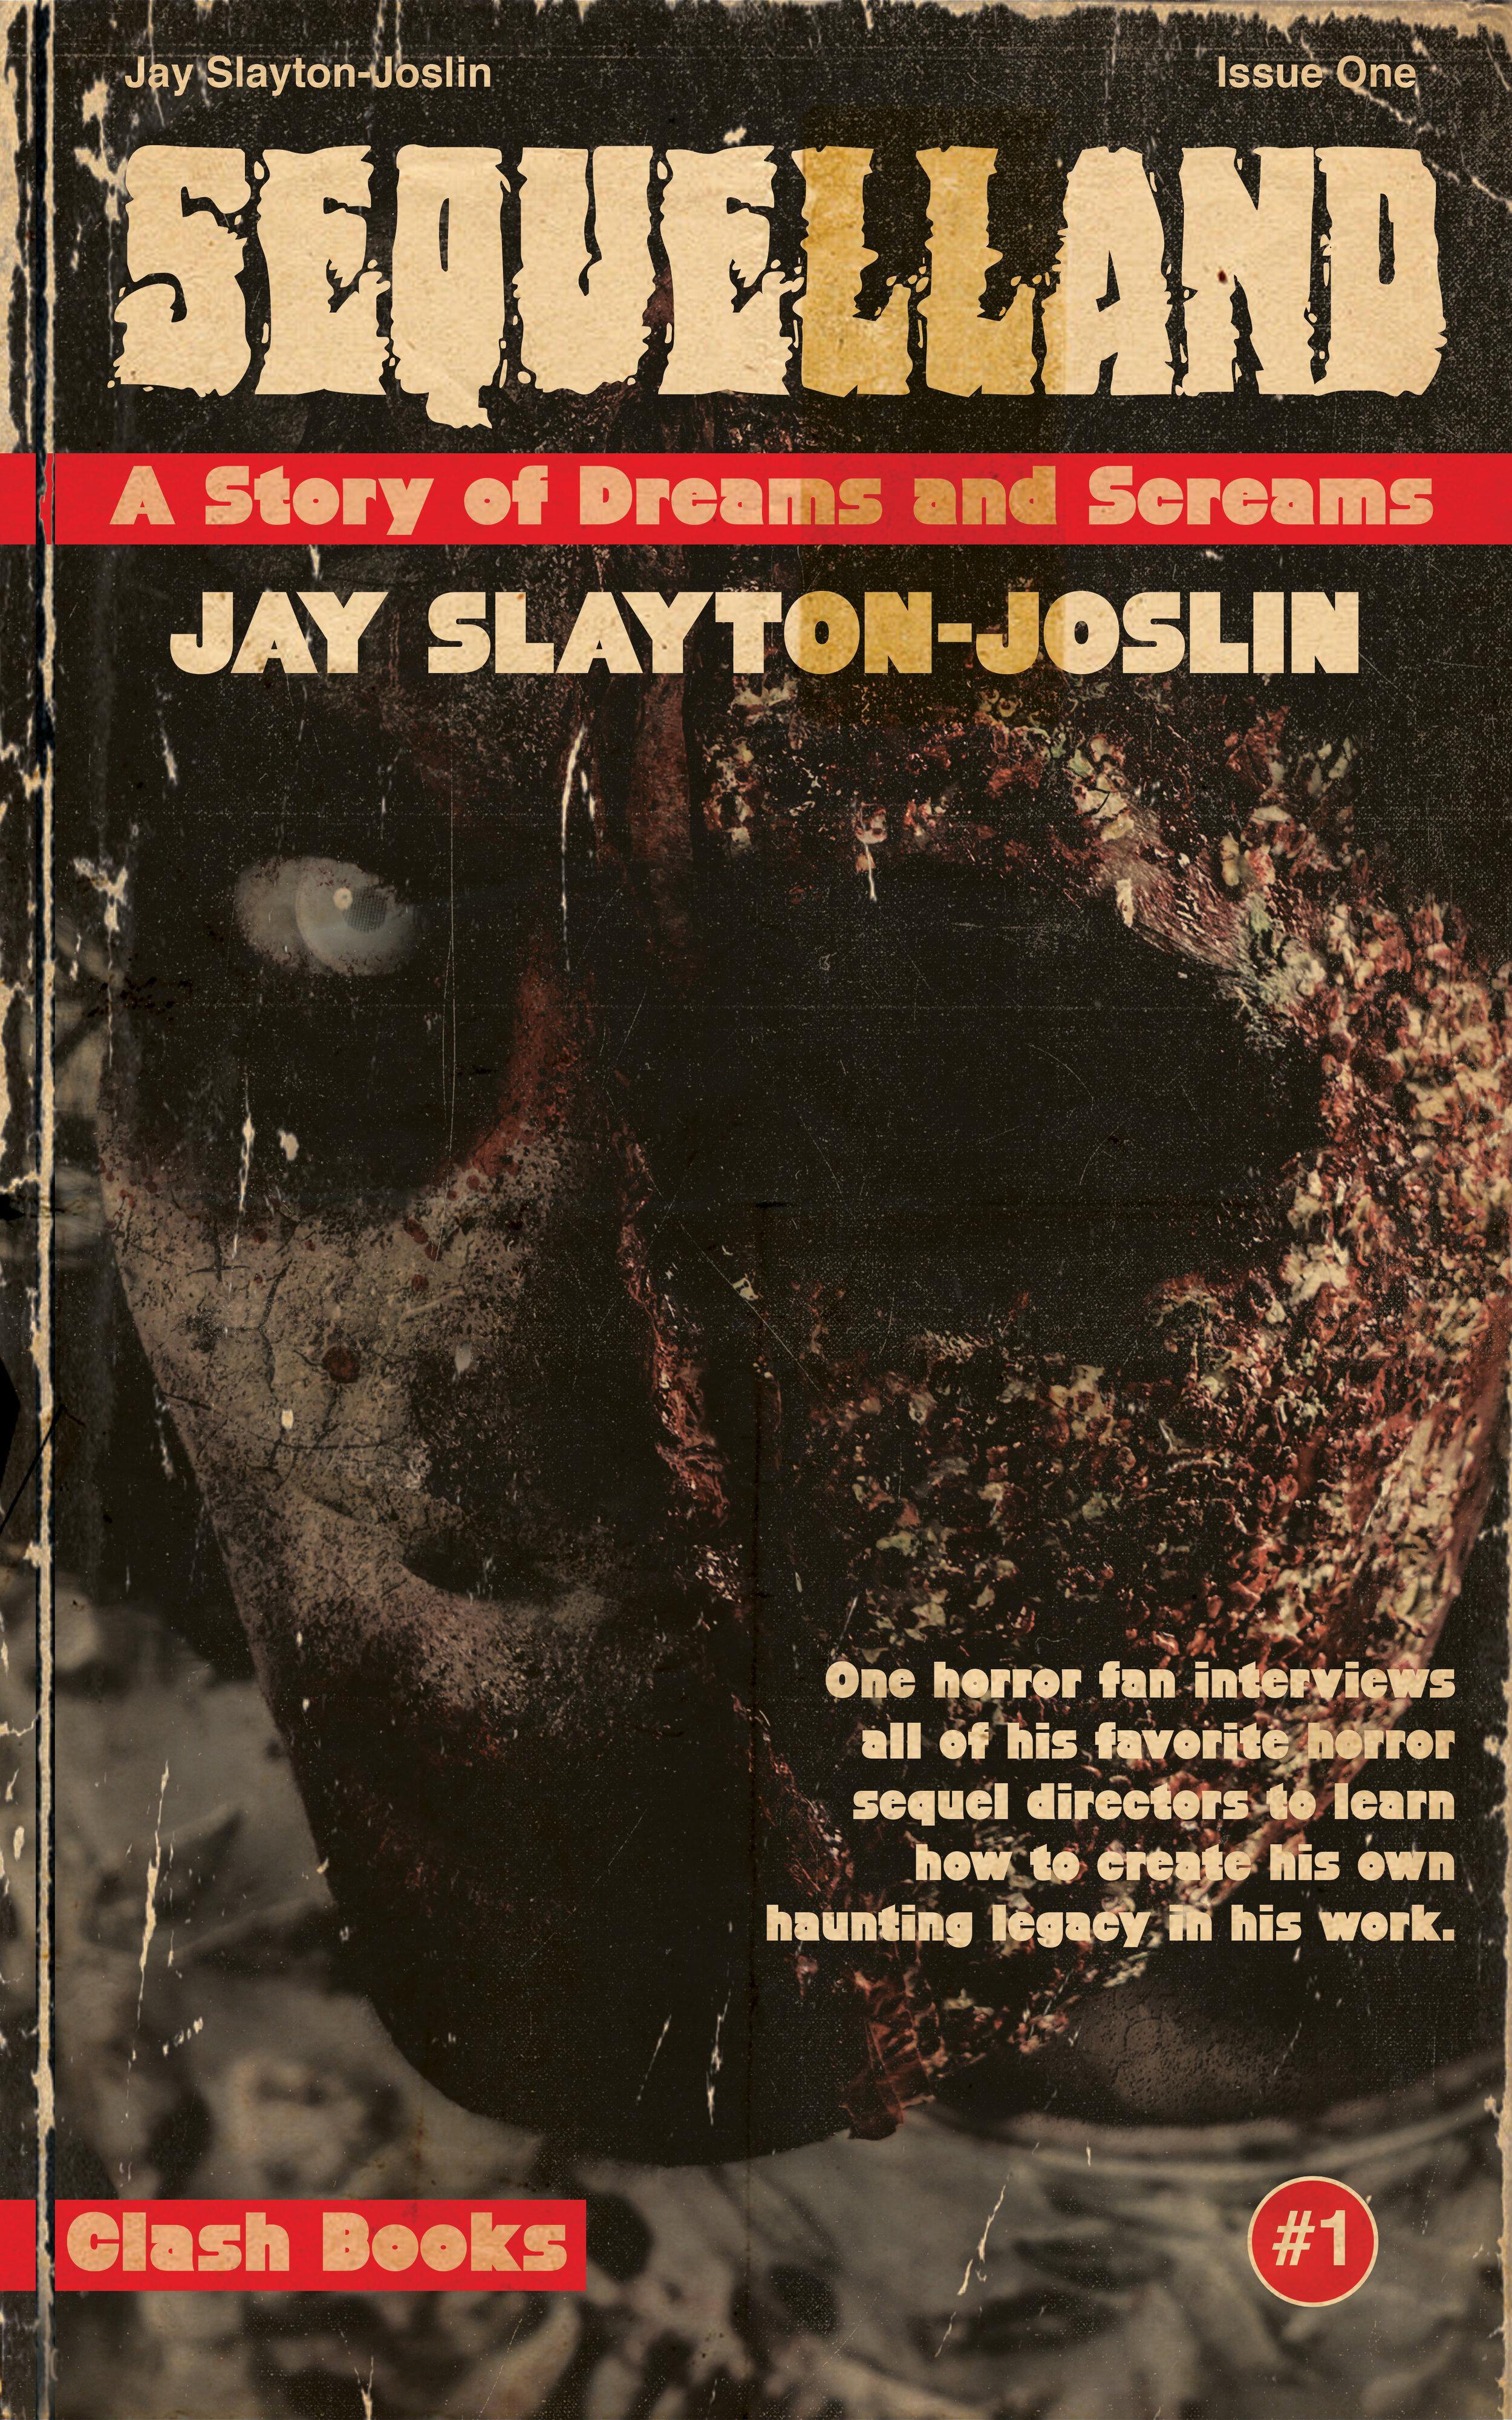 Sequelland: A Story of Dreams and Screams by Jay Slayton-Joslin